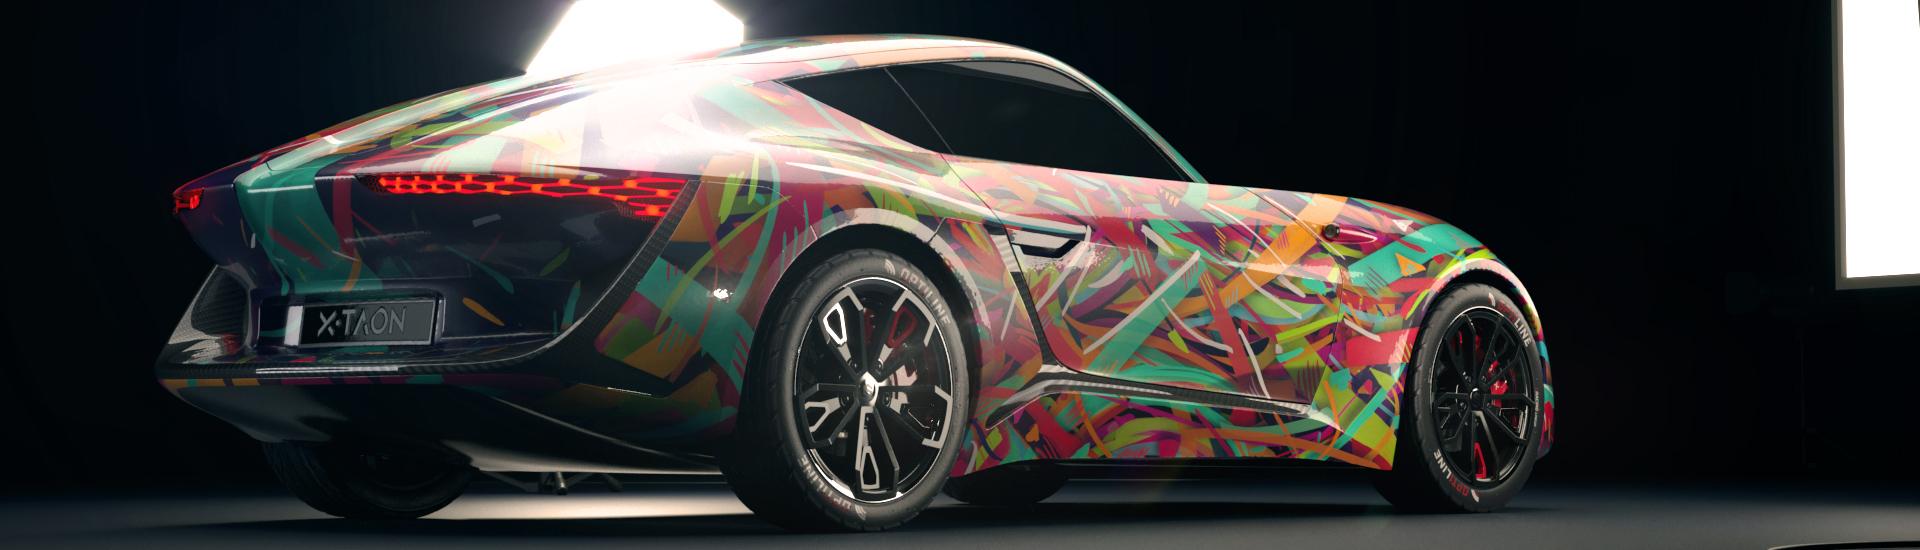 X-TAON: Art Car